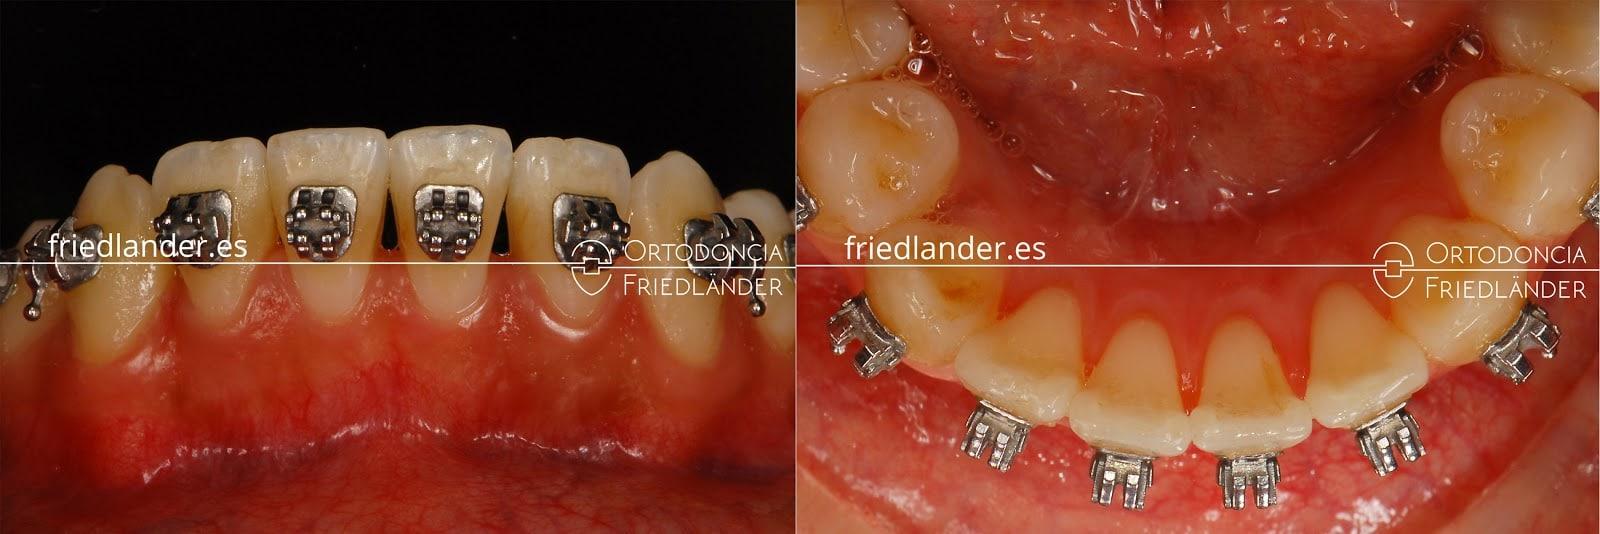 """""""Stripping"""" o reducción interproximal del esmalte para ganar espacio en ortodoncia 6"""